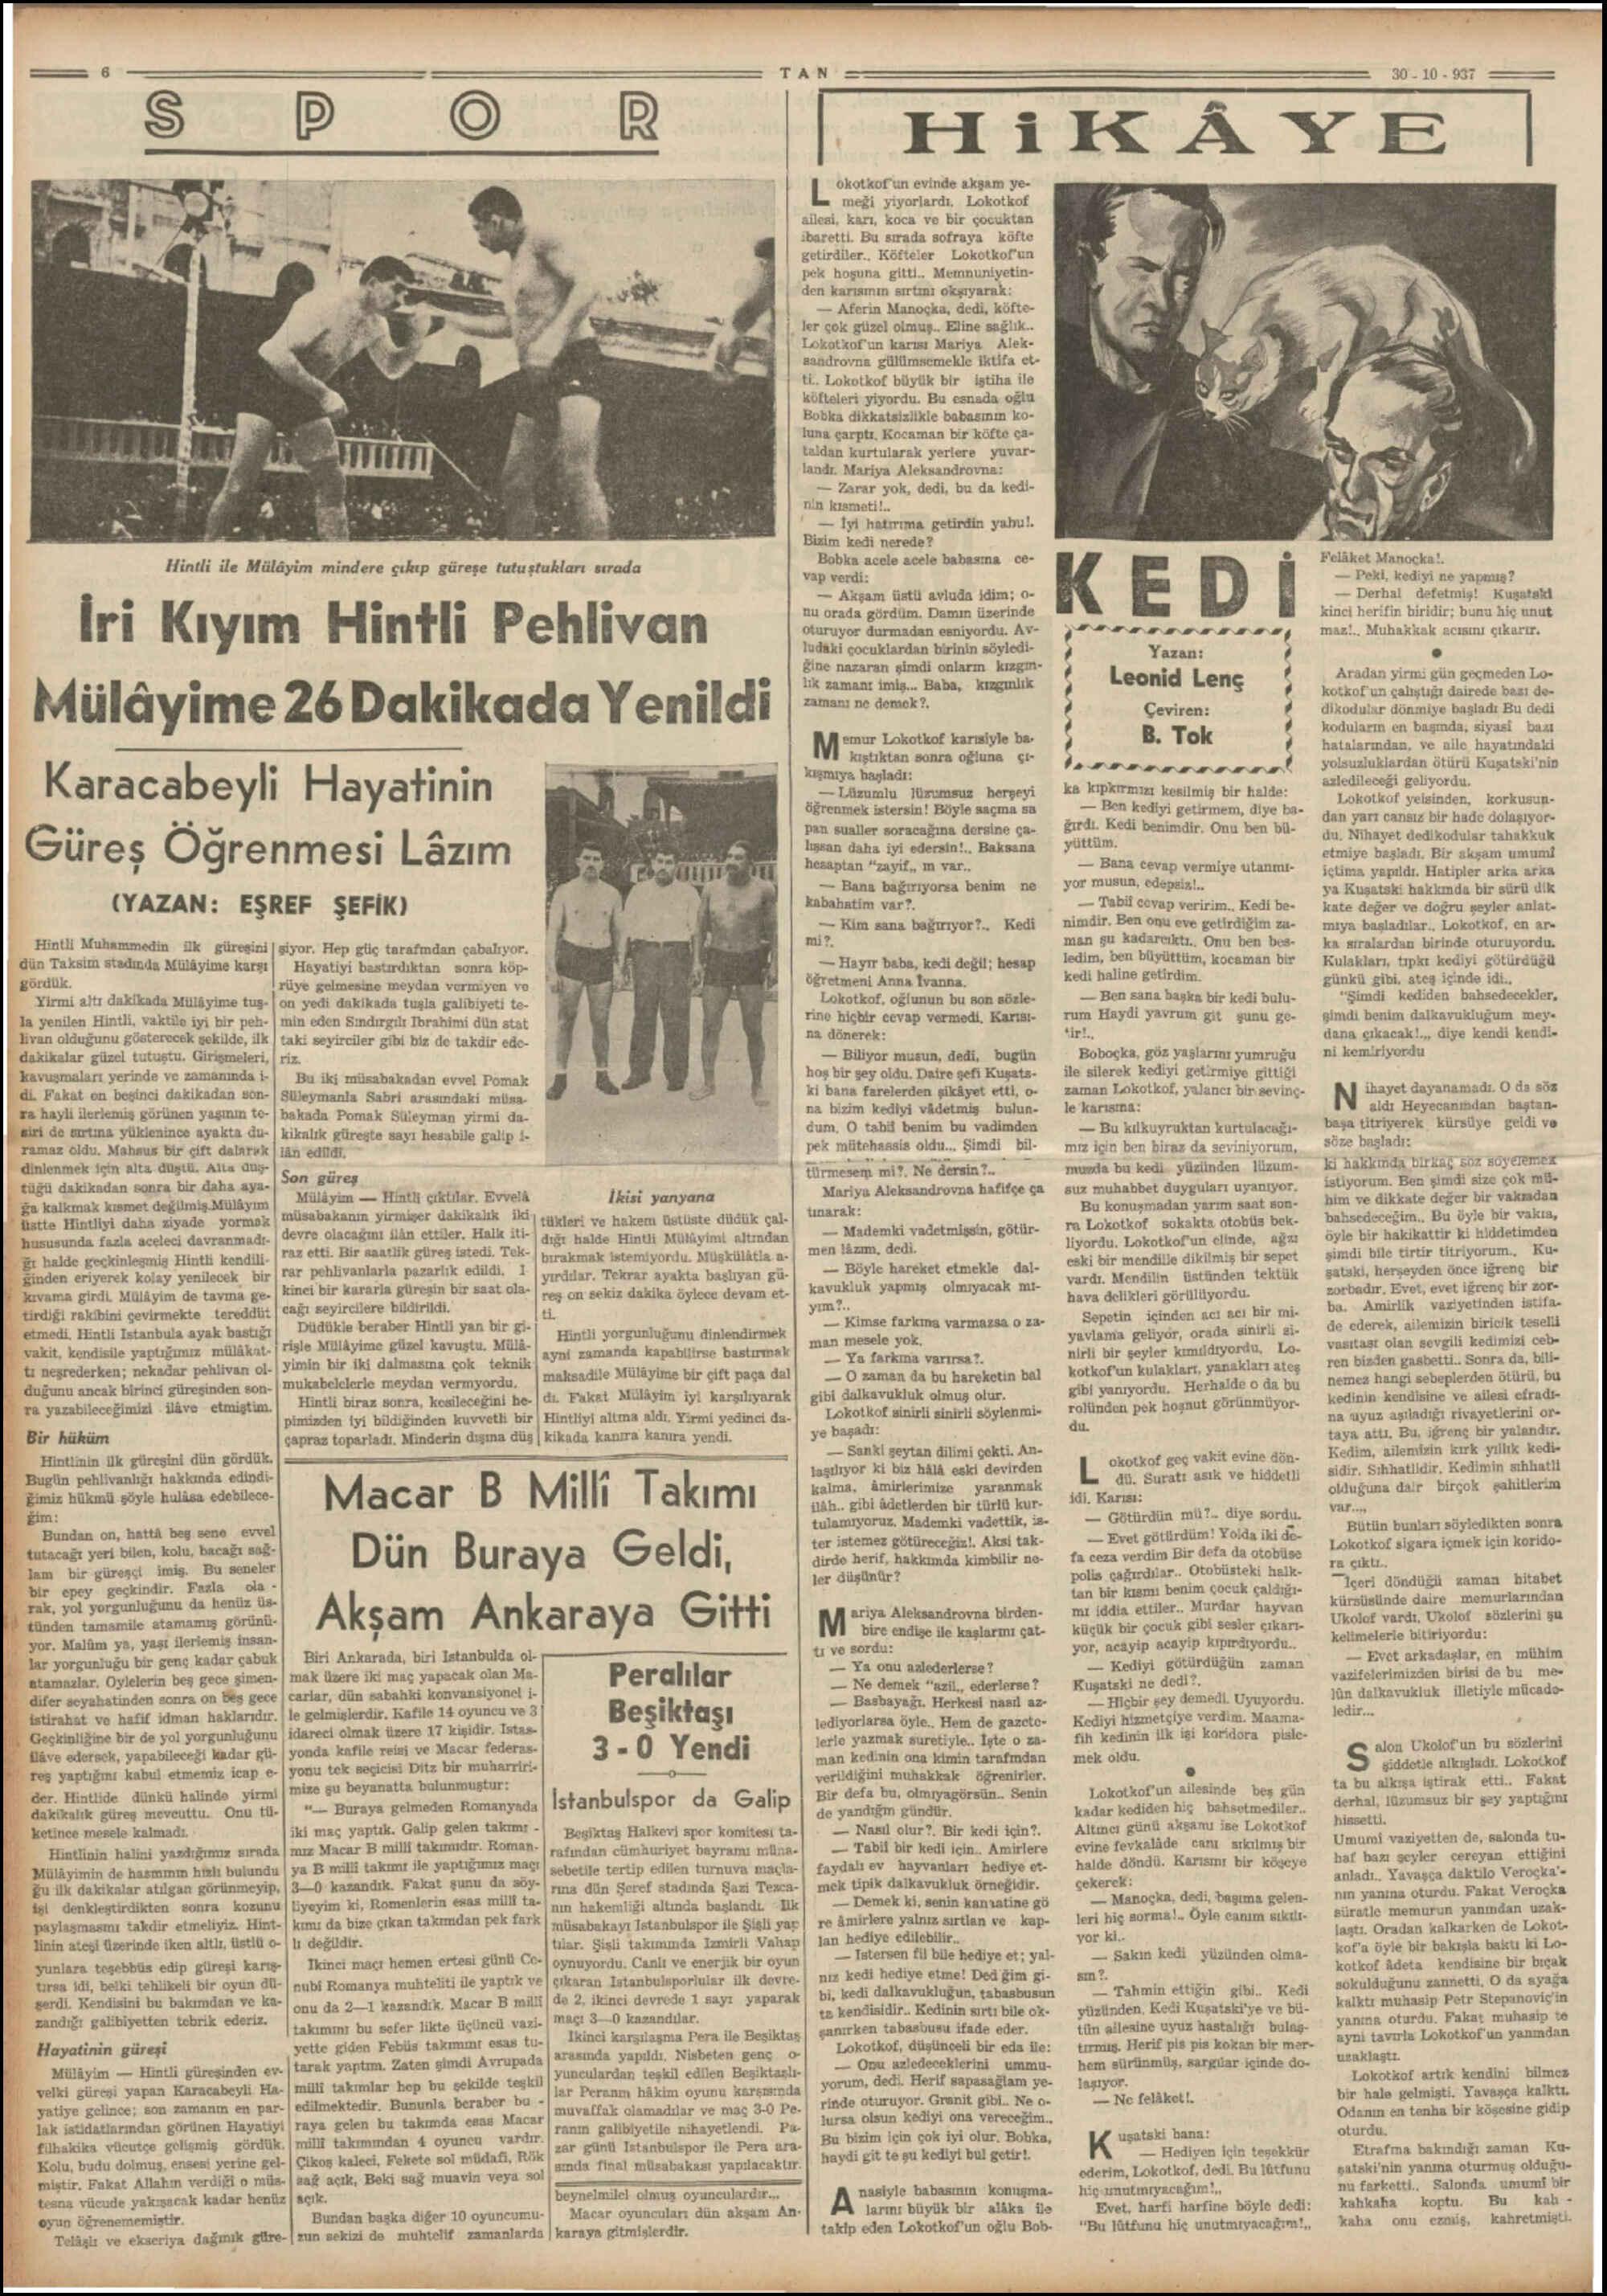 30 Kasım 1937 Tarihli Tan Dergisi Sayfa 6